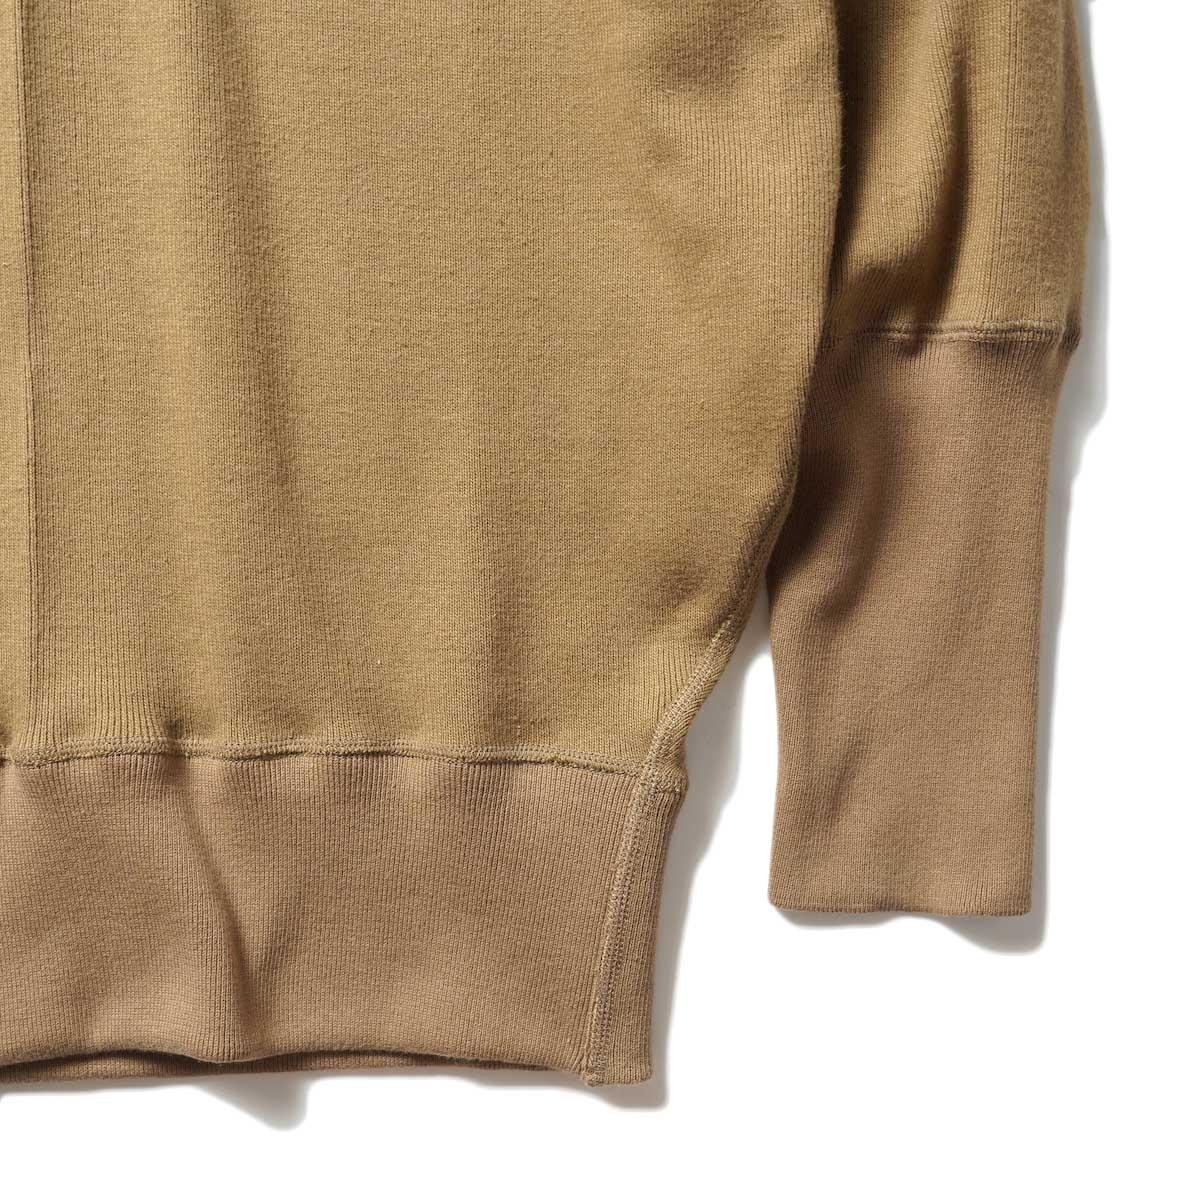 ARCHI / CIRCULAR RIB HIGH NECK TOP (Khaki) 袖・裾